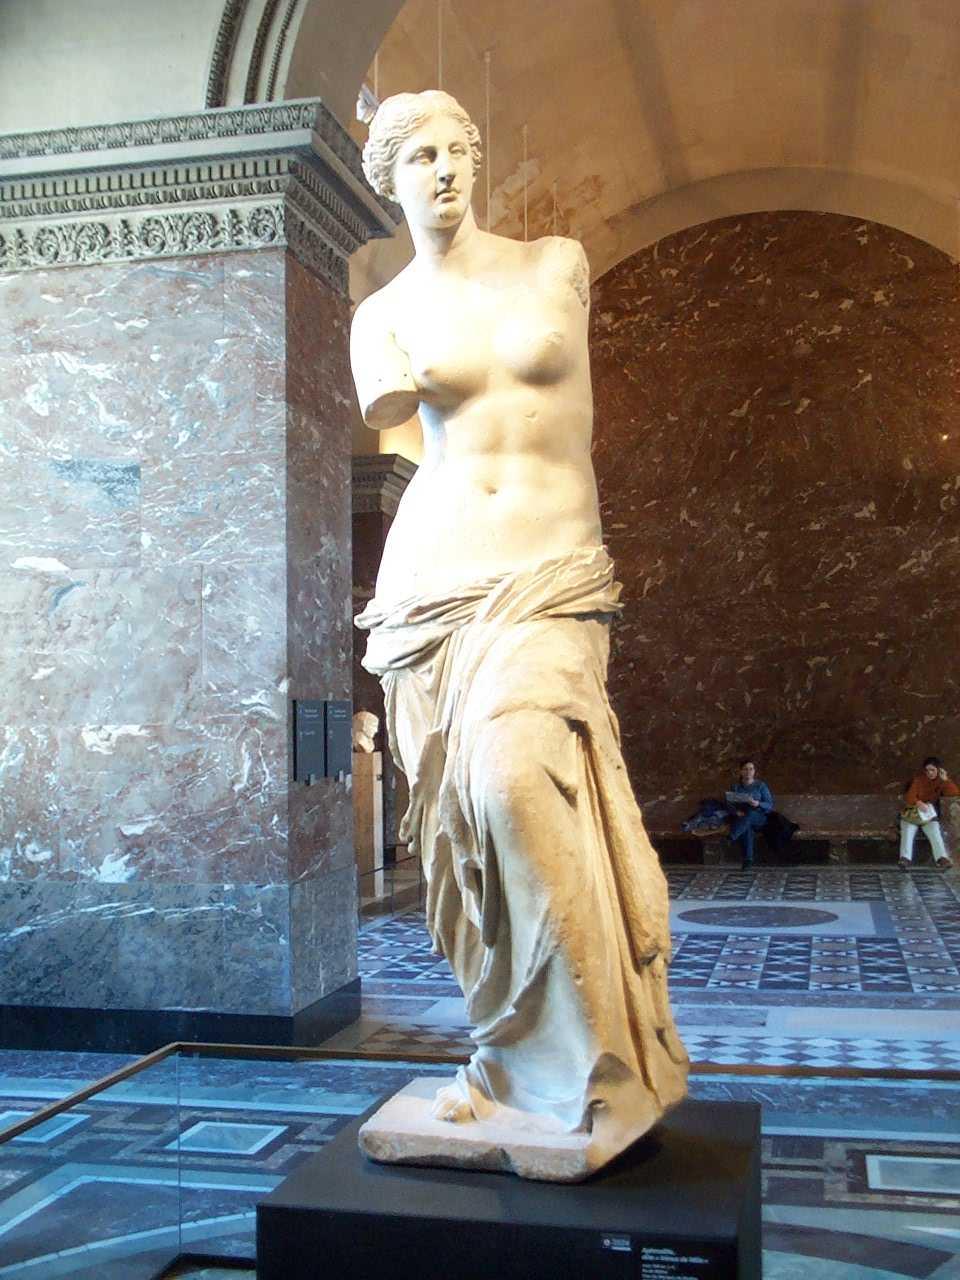 venus de milo A vênus de milo (português brasileiro)  e viu a deusa como uma venus victrix (vênus vitoriosa), atribuindo sua autoria ao círculo de praxíteles, .